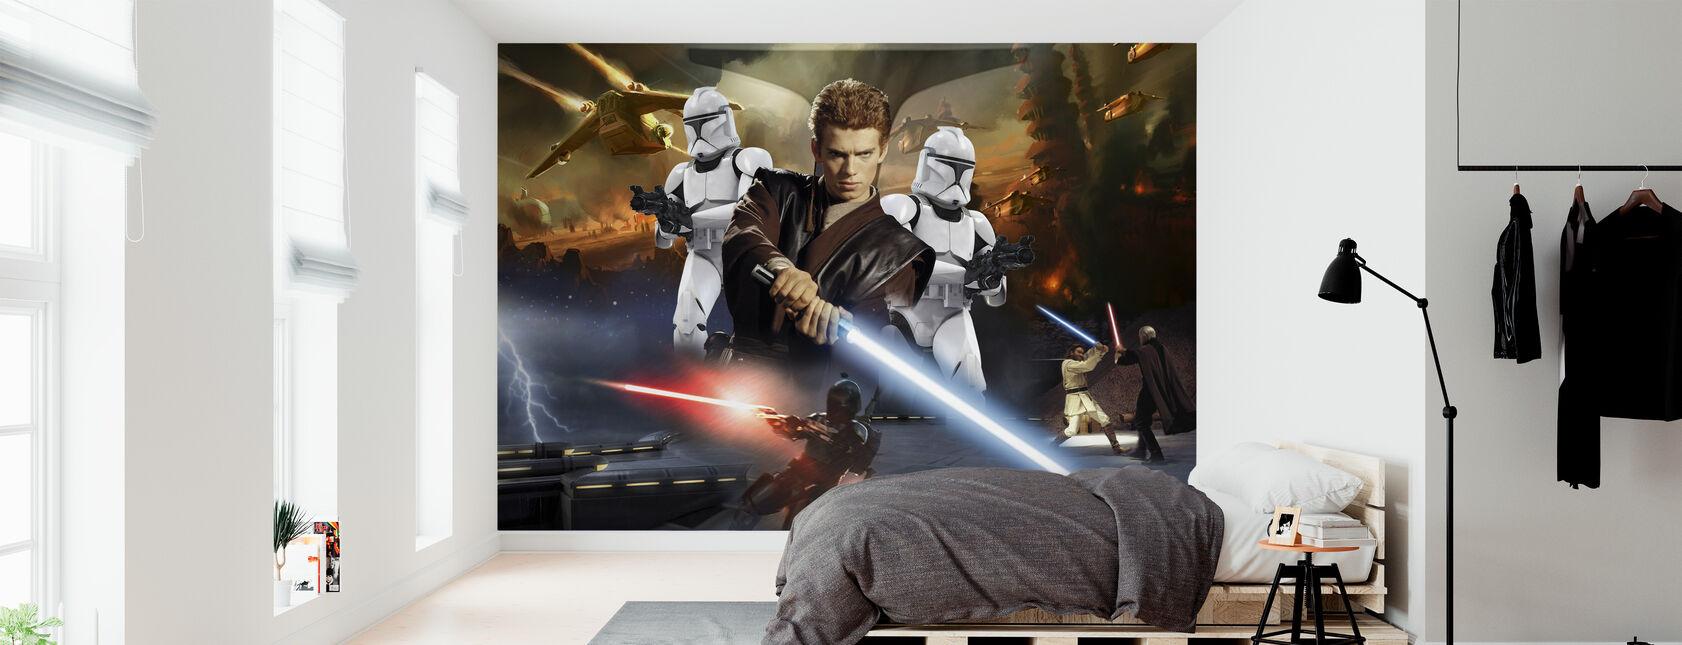 Star Wars - Anakin Skywalker og klon troopers - Tapet - Soveværelse